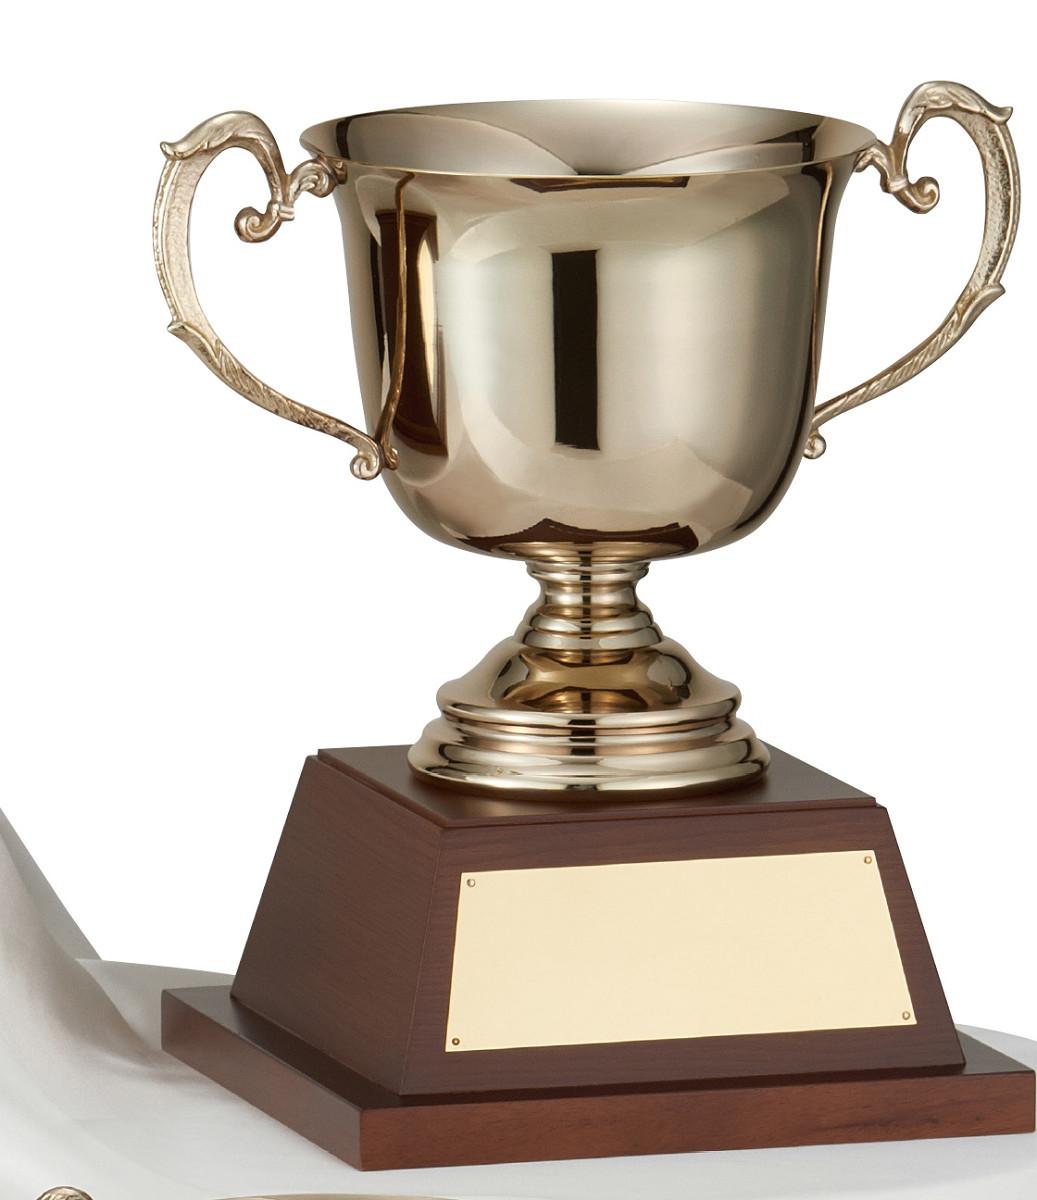 【文字彫刻無料】優勝カップ(C1083B)高さ:33.5cm/リボン無料/真鍮